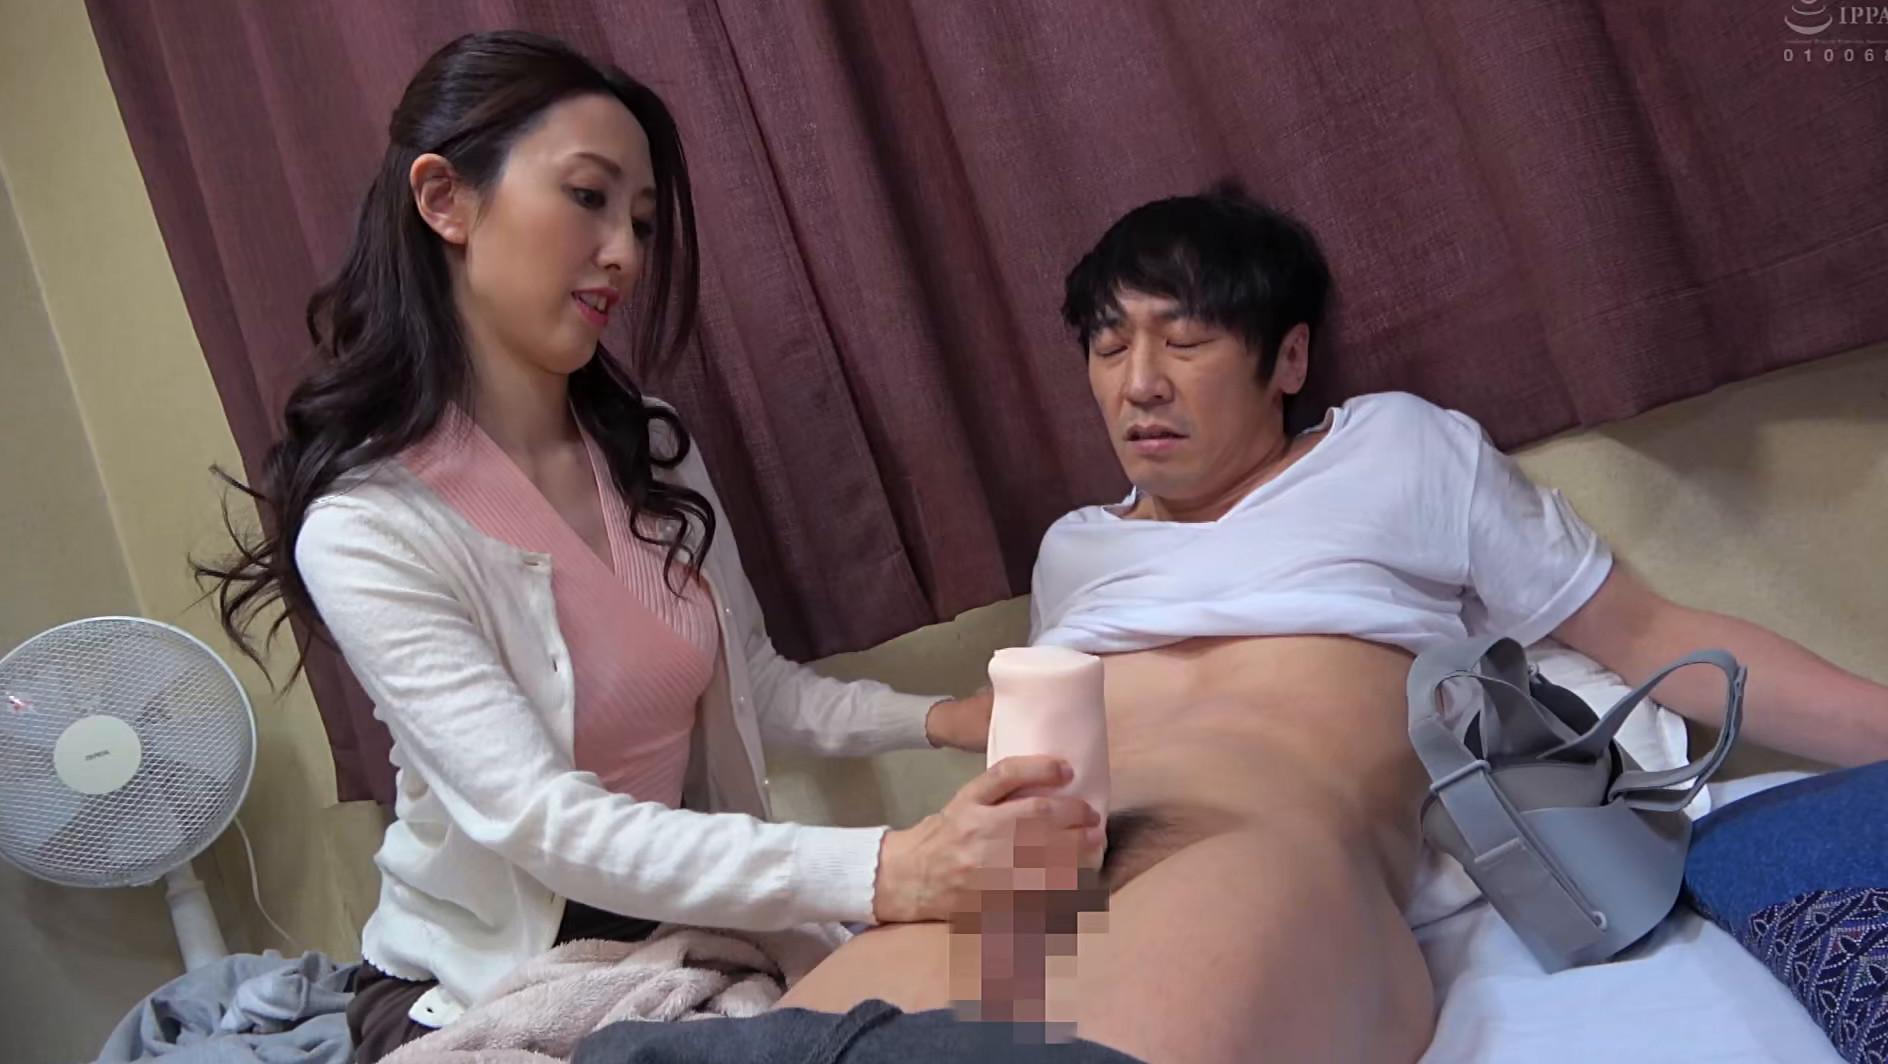 子供部屋おじさん(35歳無職の息子)を性処理する義母 柏原友美恵 画像15